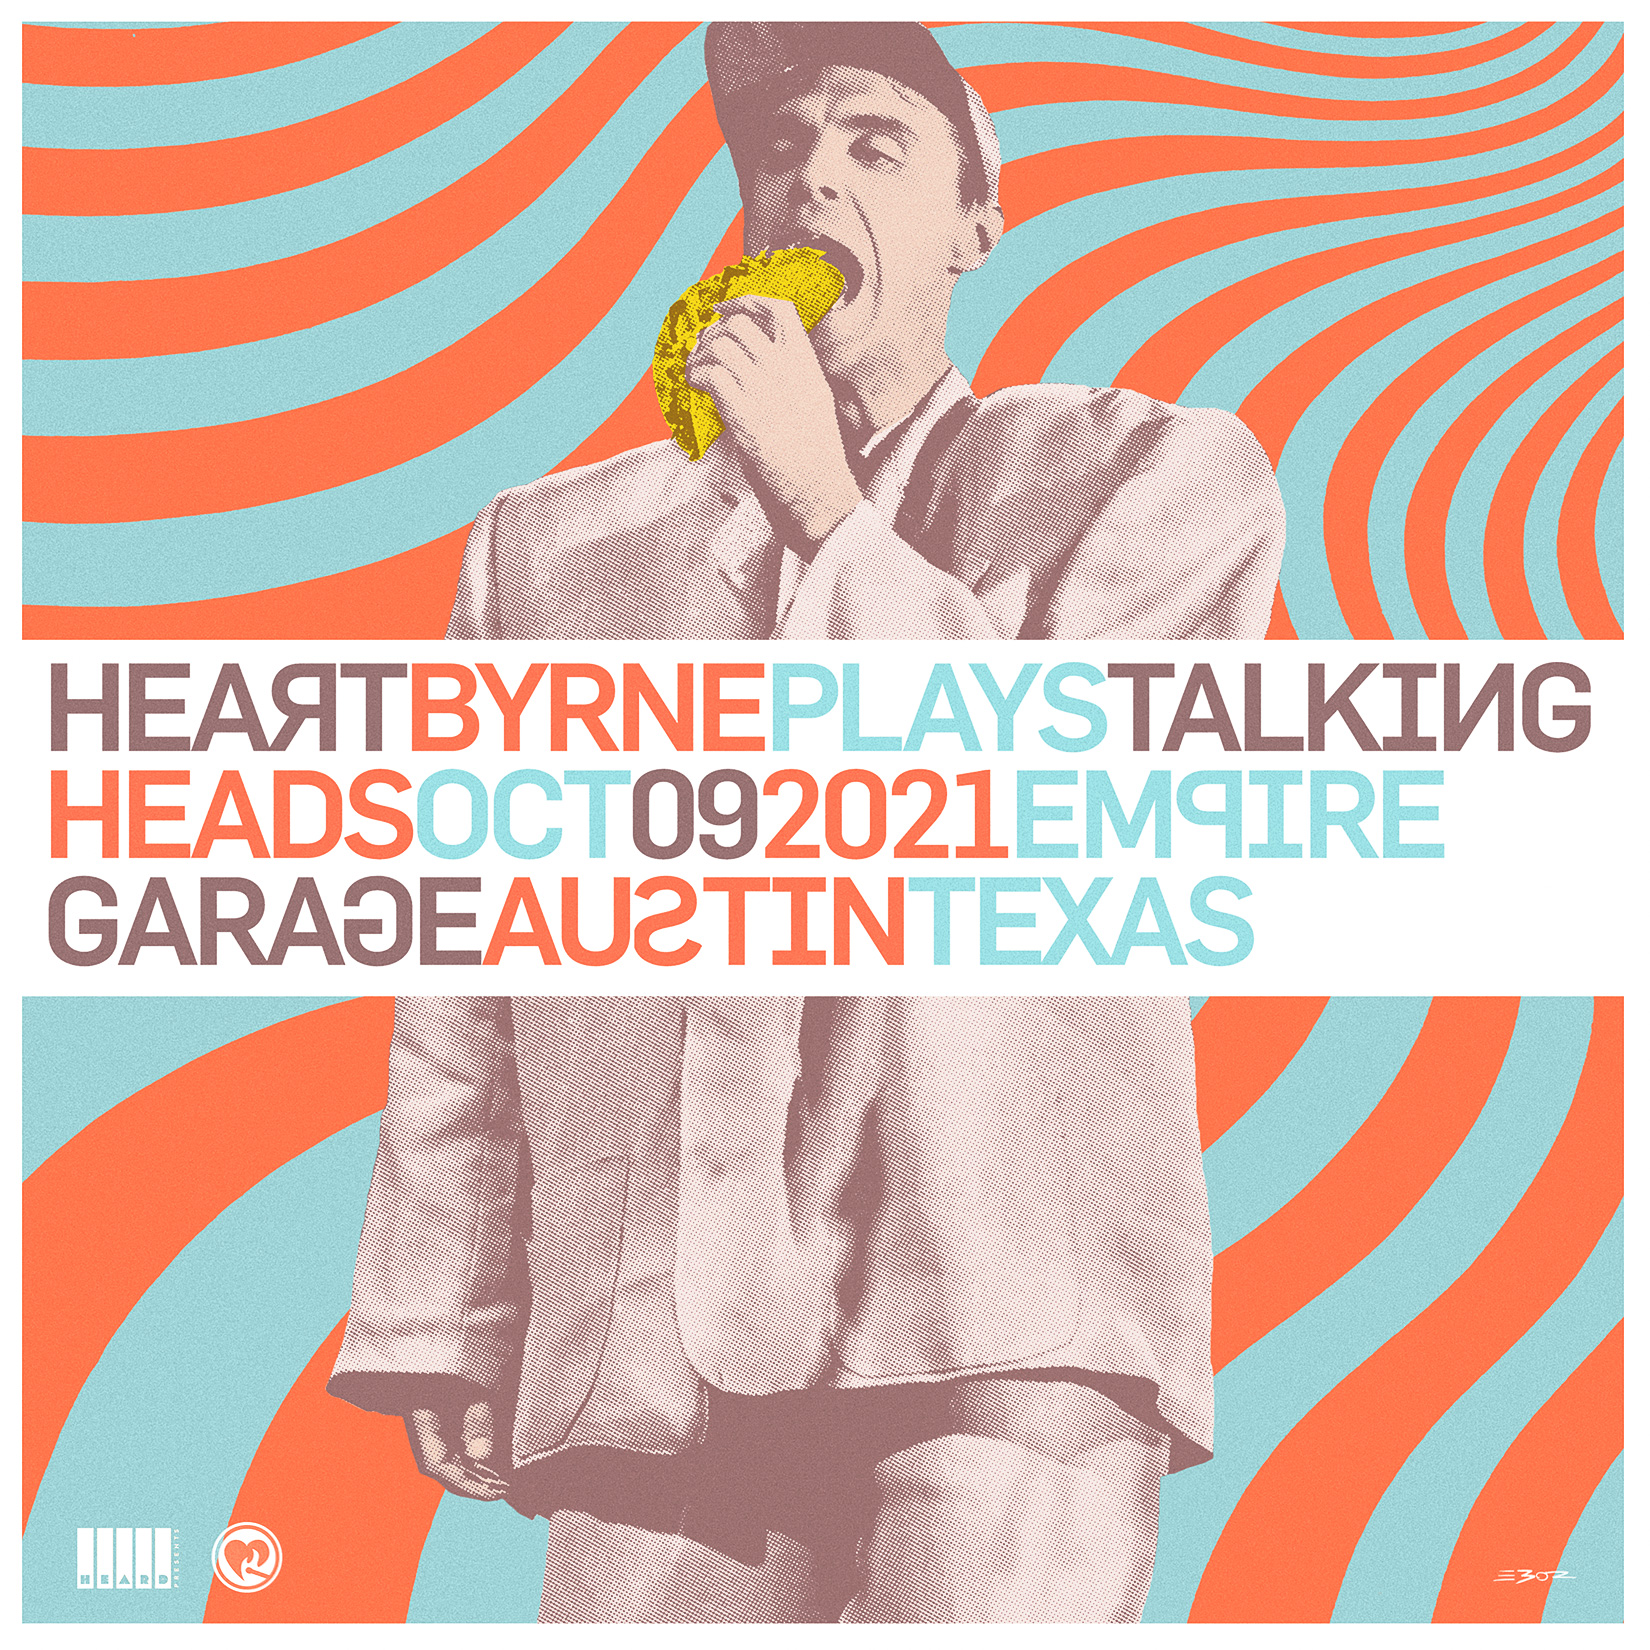 HeartByrne: Talking Heads Tribute: